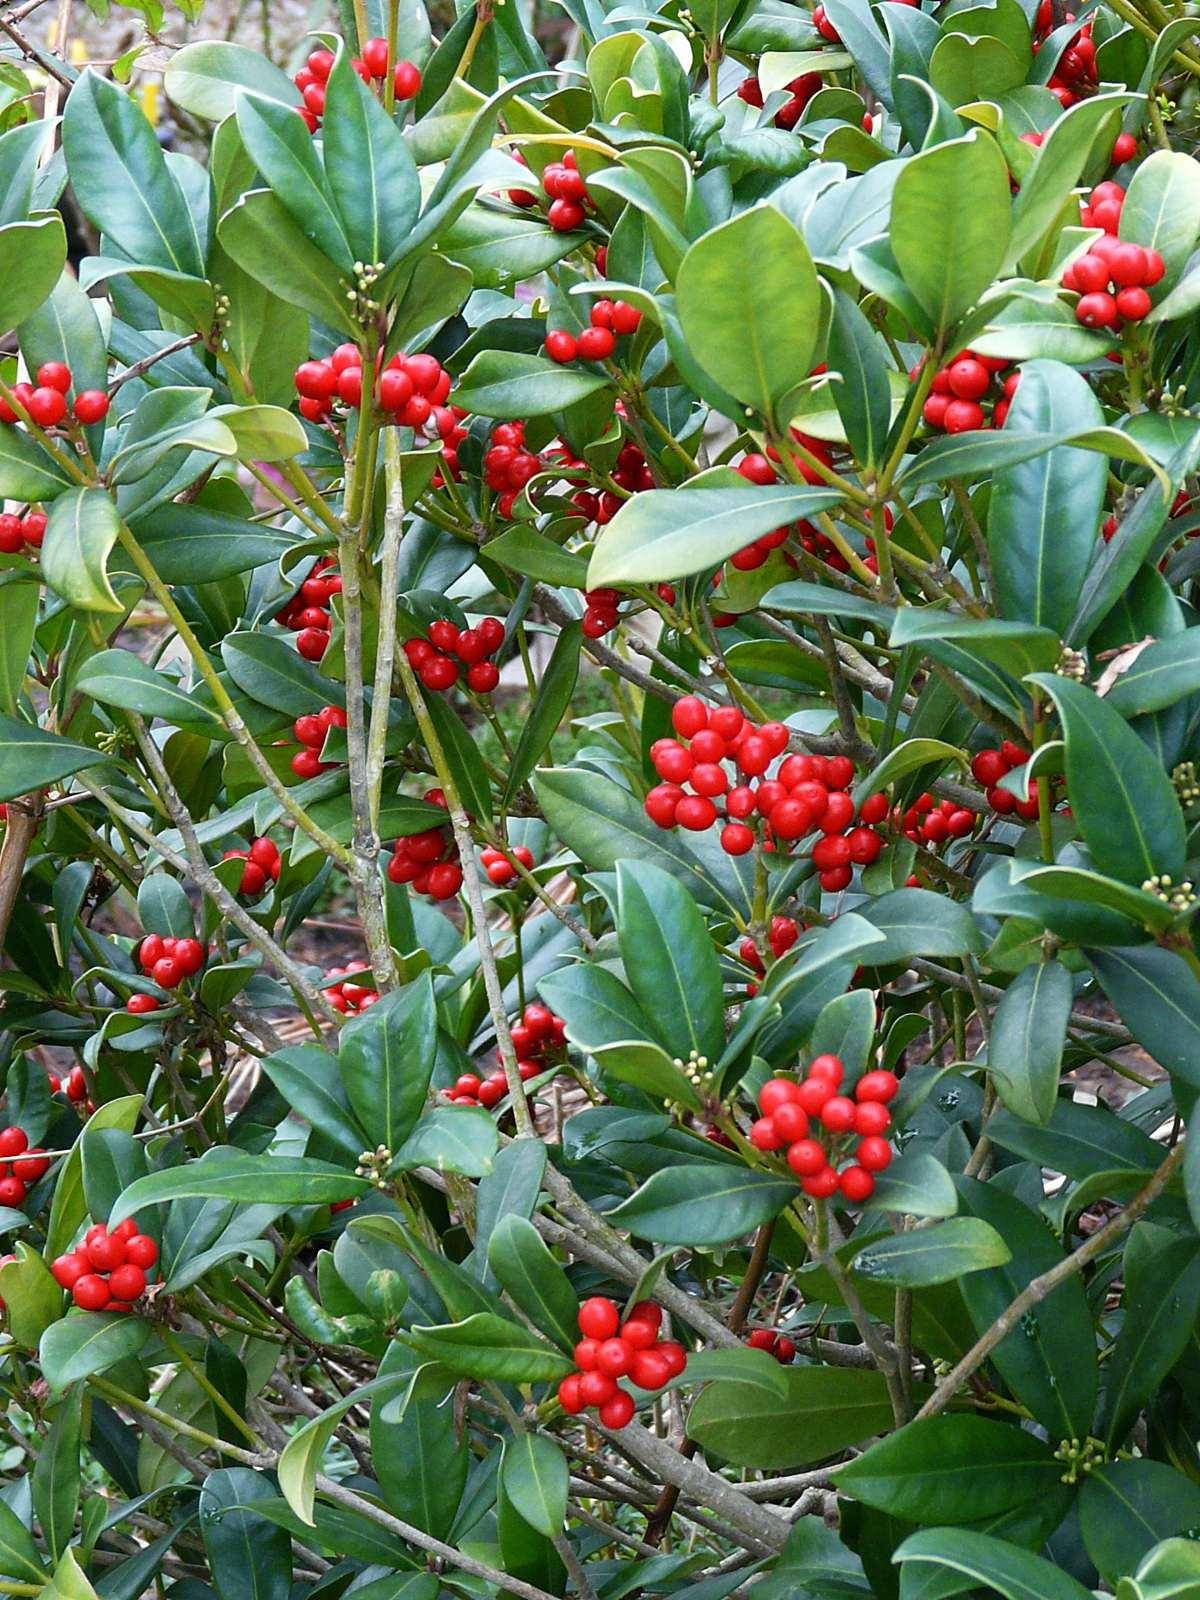 Jardin Japonais Hasselt Aulnay Sous Bois 2338